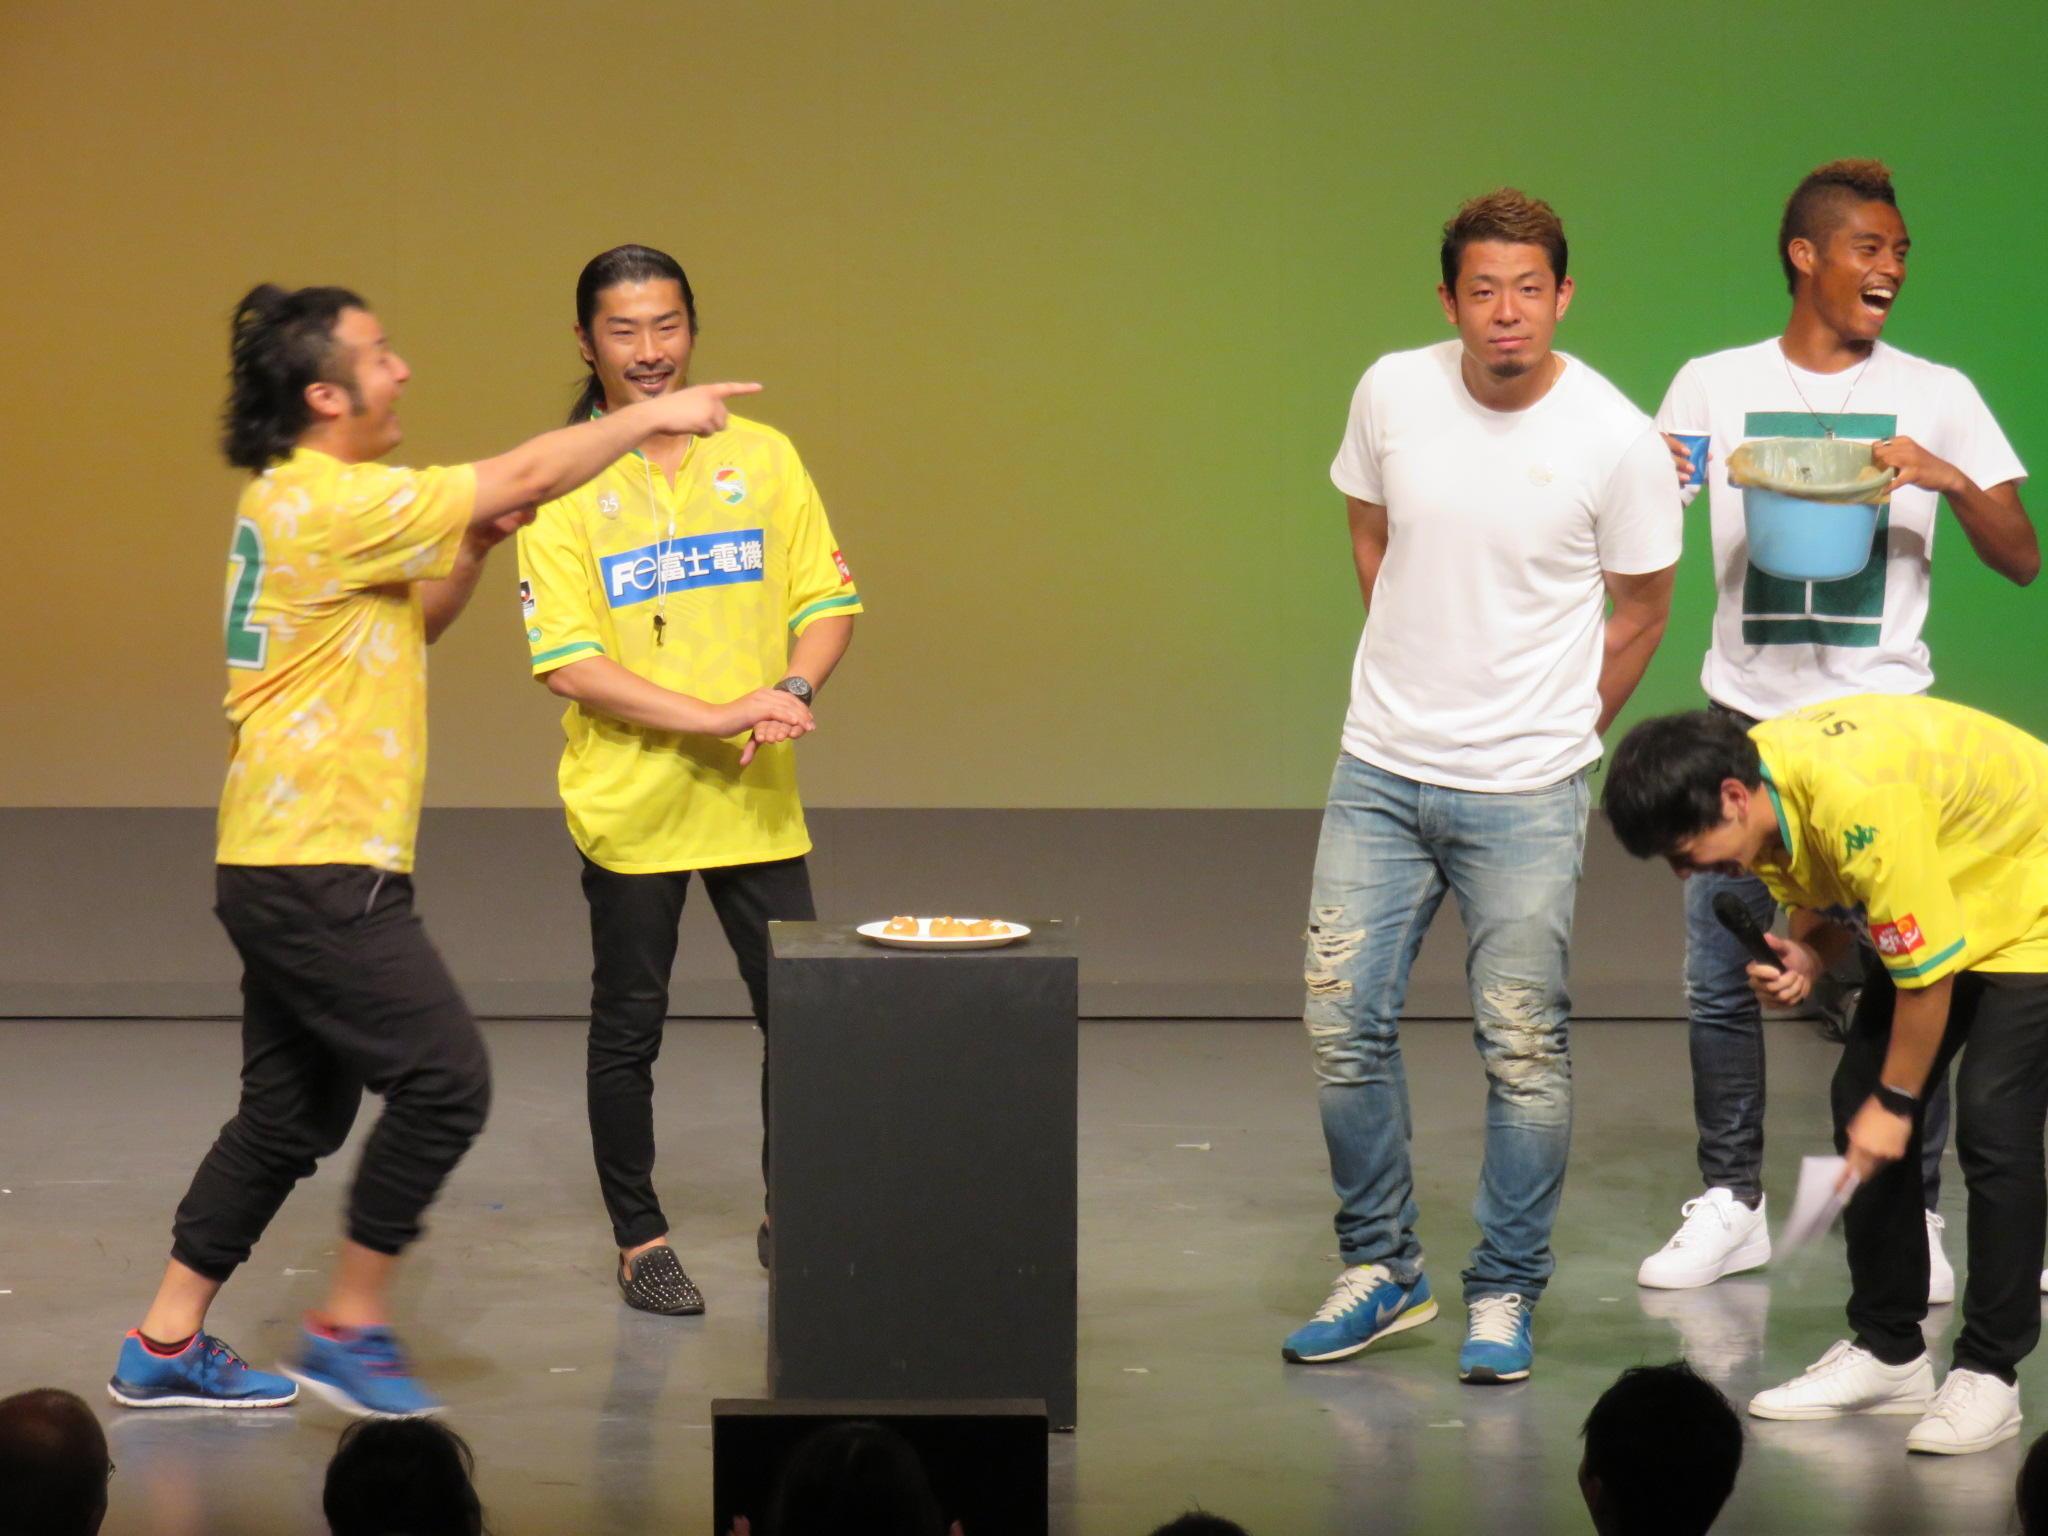 http://news.yoshimoto.co.jp/20160830230505-8e1122b7cb75cb8c3c966723c08cc8e45252a935.jpg